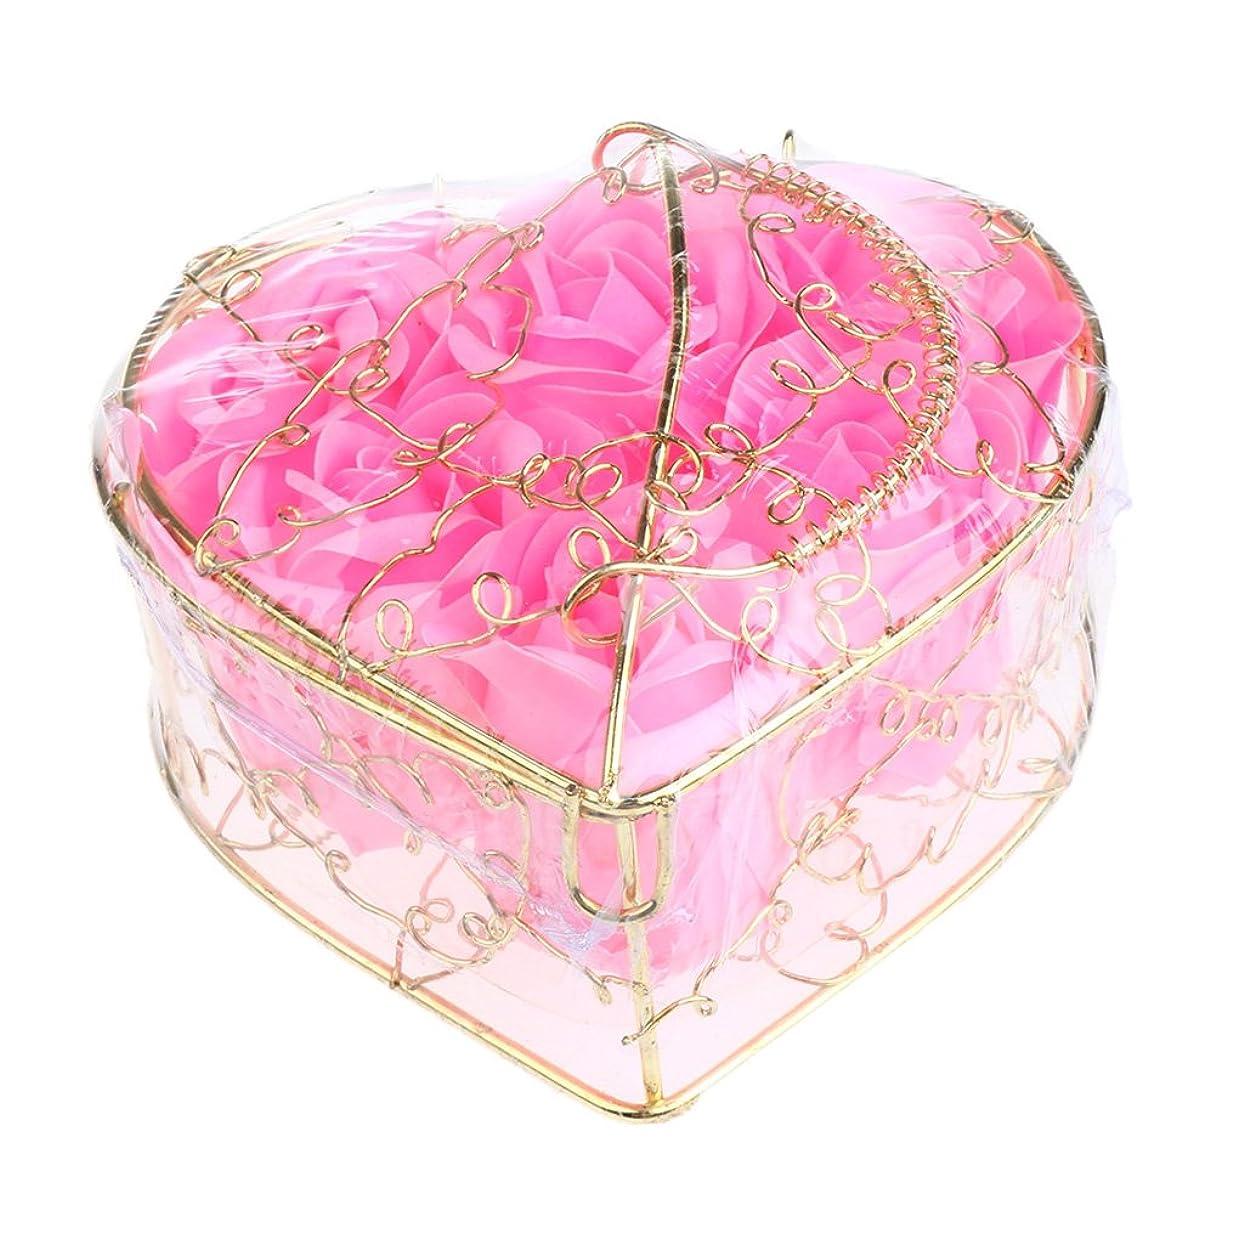 かろうじて配送集中Baosity 6個 ソープフラワー 石鹸の花 バラ 薔薇の花 ロマンチック 心の形 ギフトボックス 誕生日 プレゼント 全5仕様選べる - ピンク